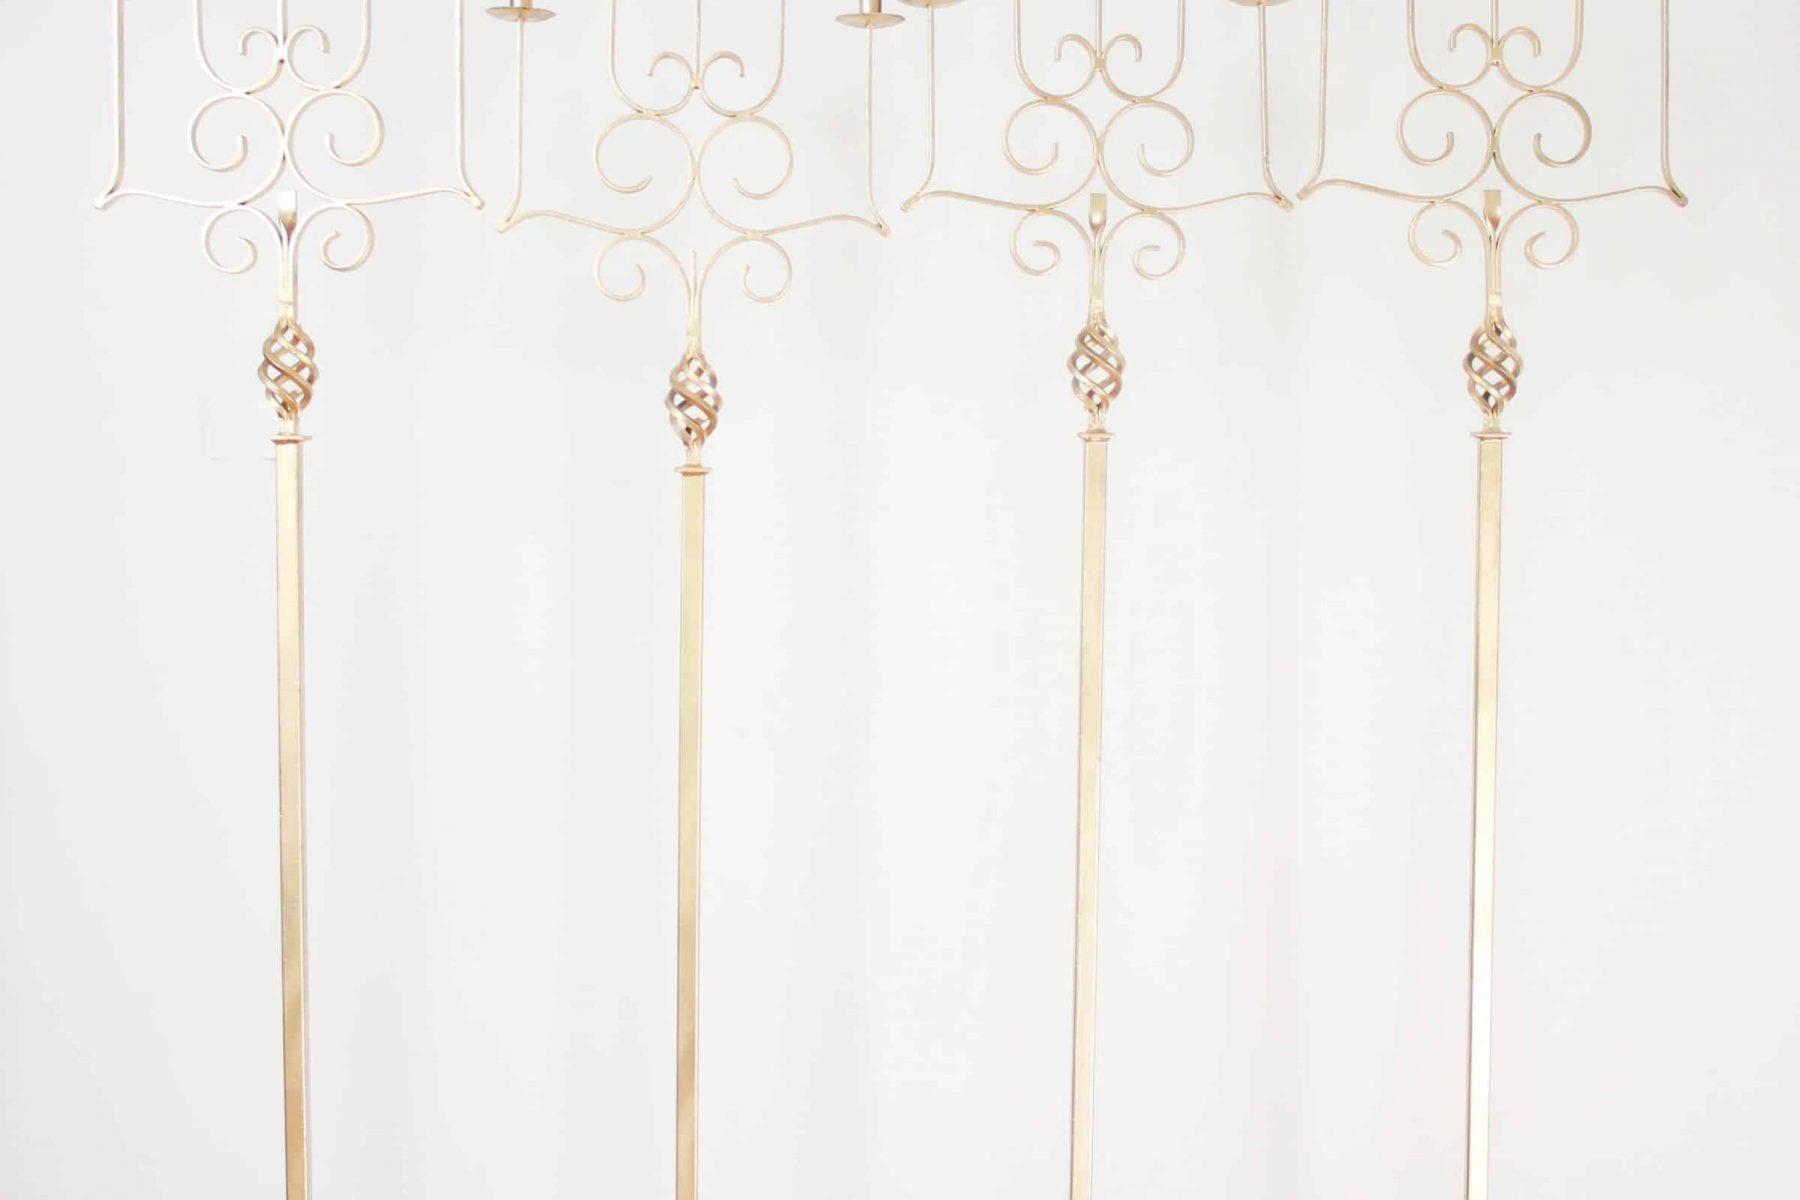 candelabras 4